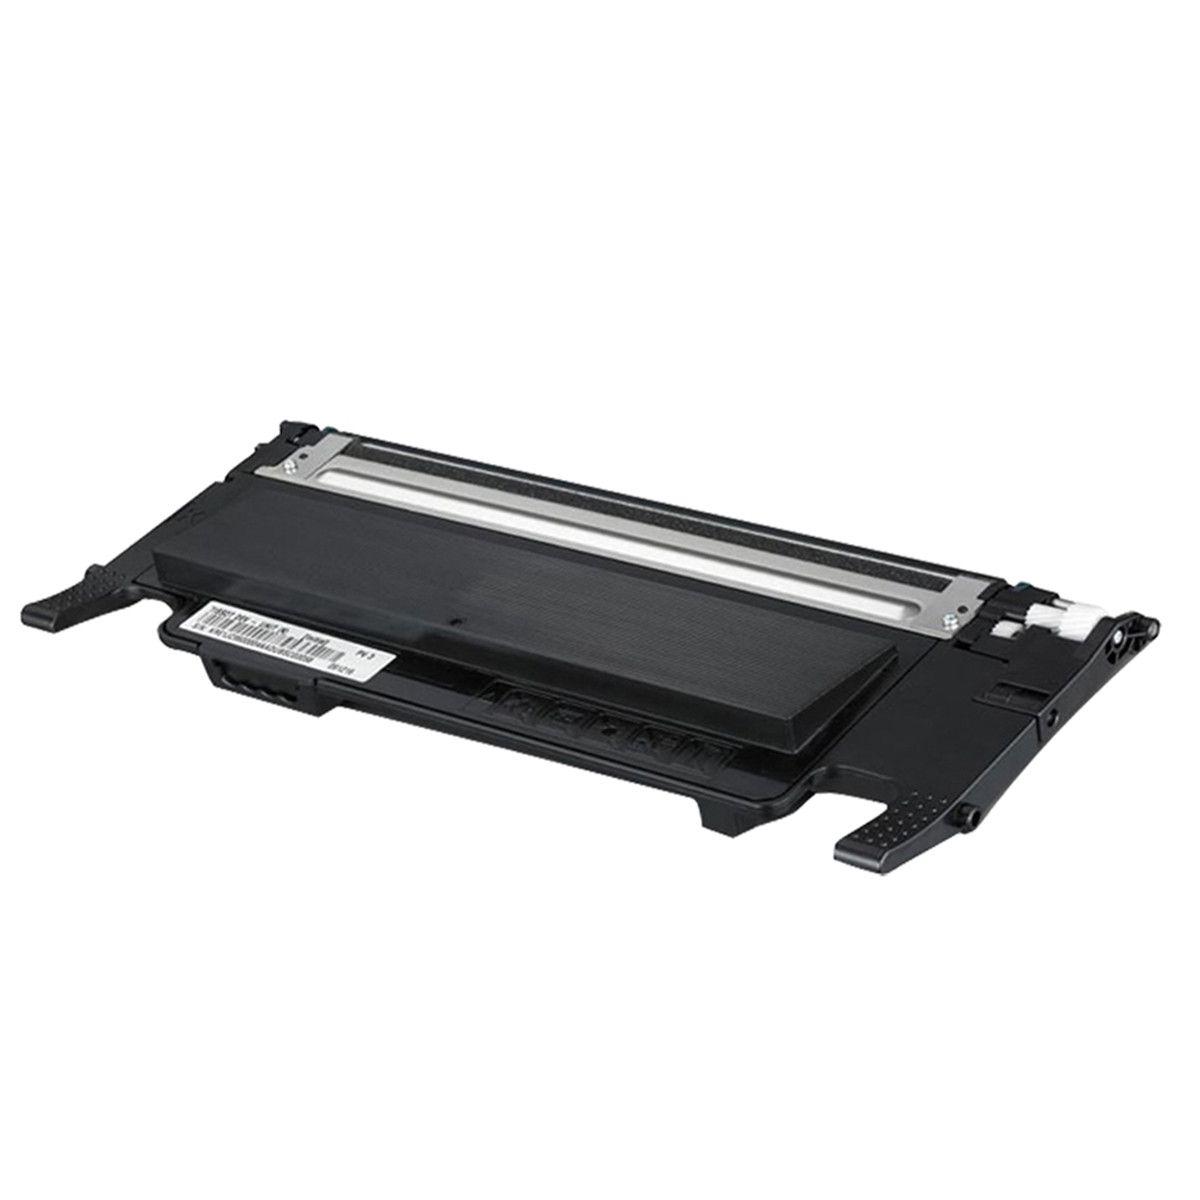 TONER SAMSUNG K407S BK 1K - (CLP320/325/CLX3185) - COMP BC